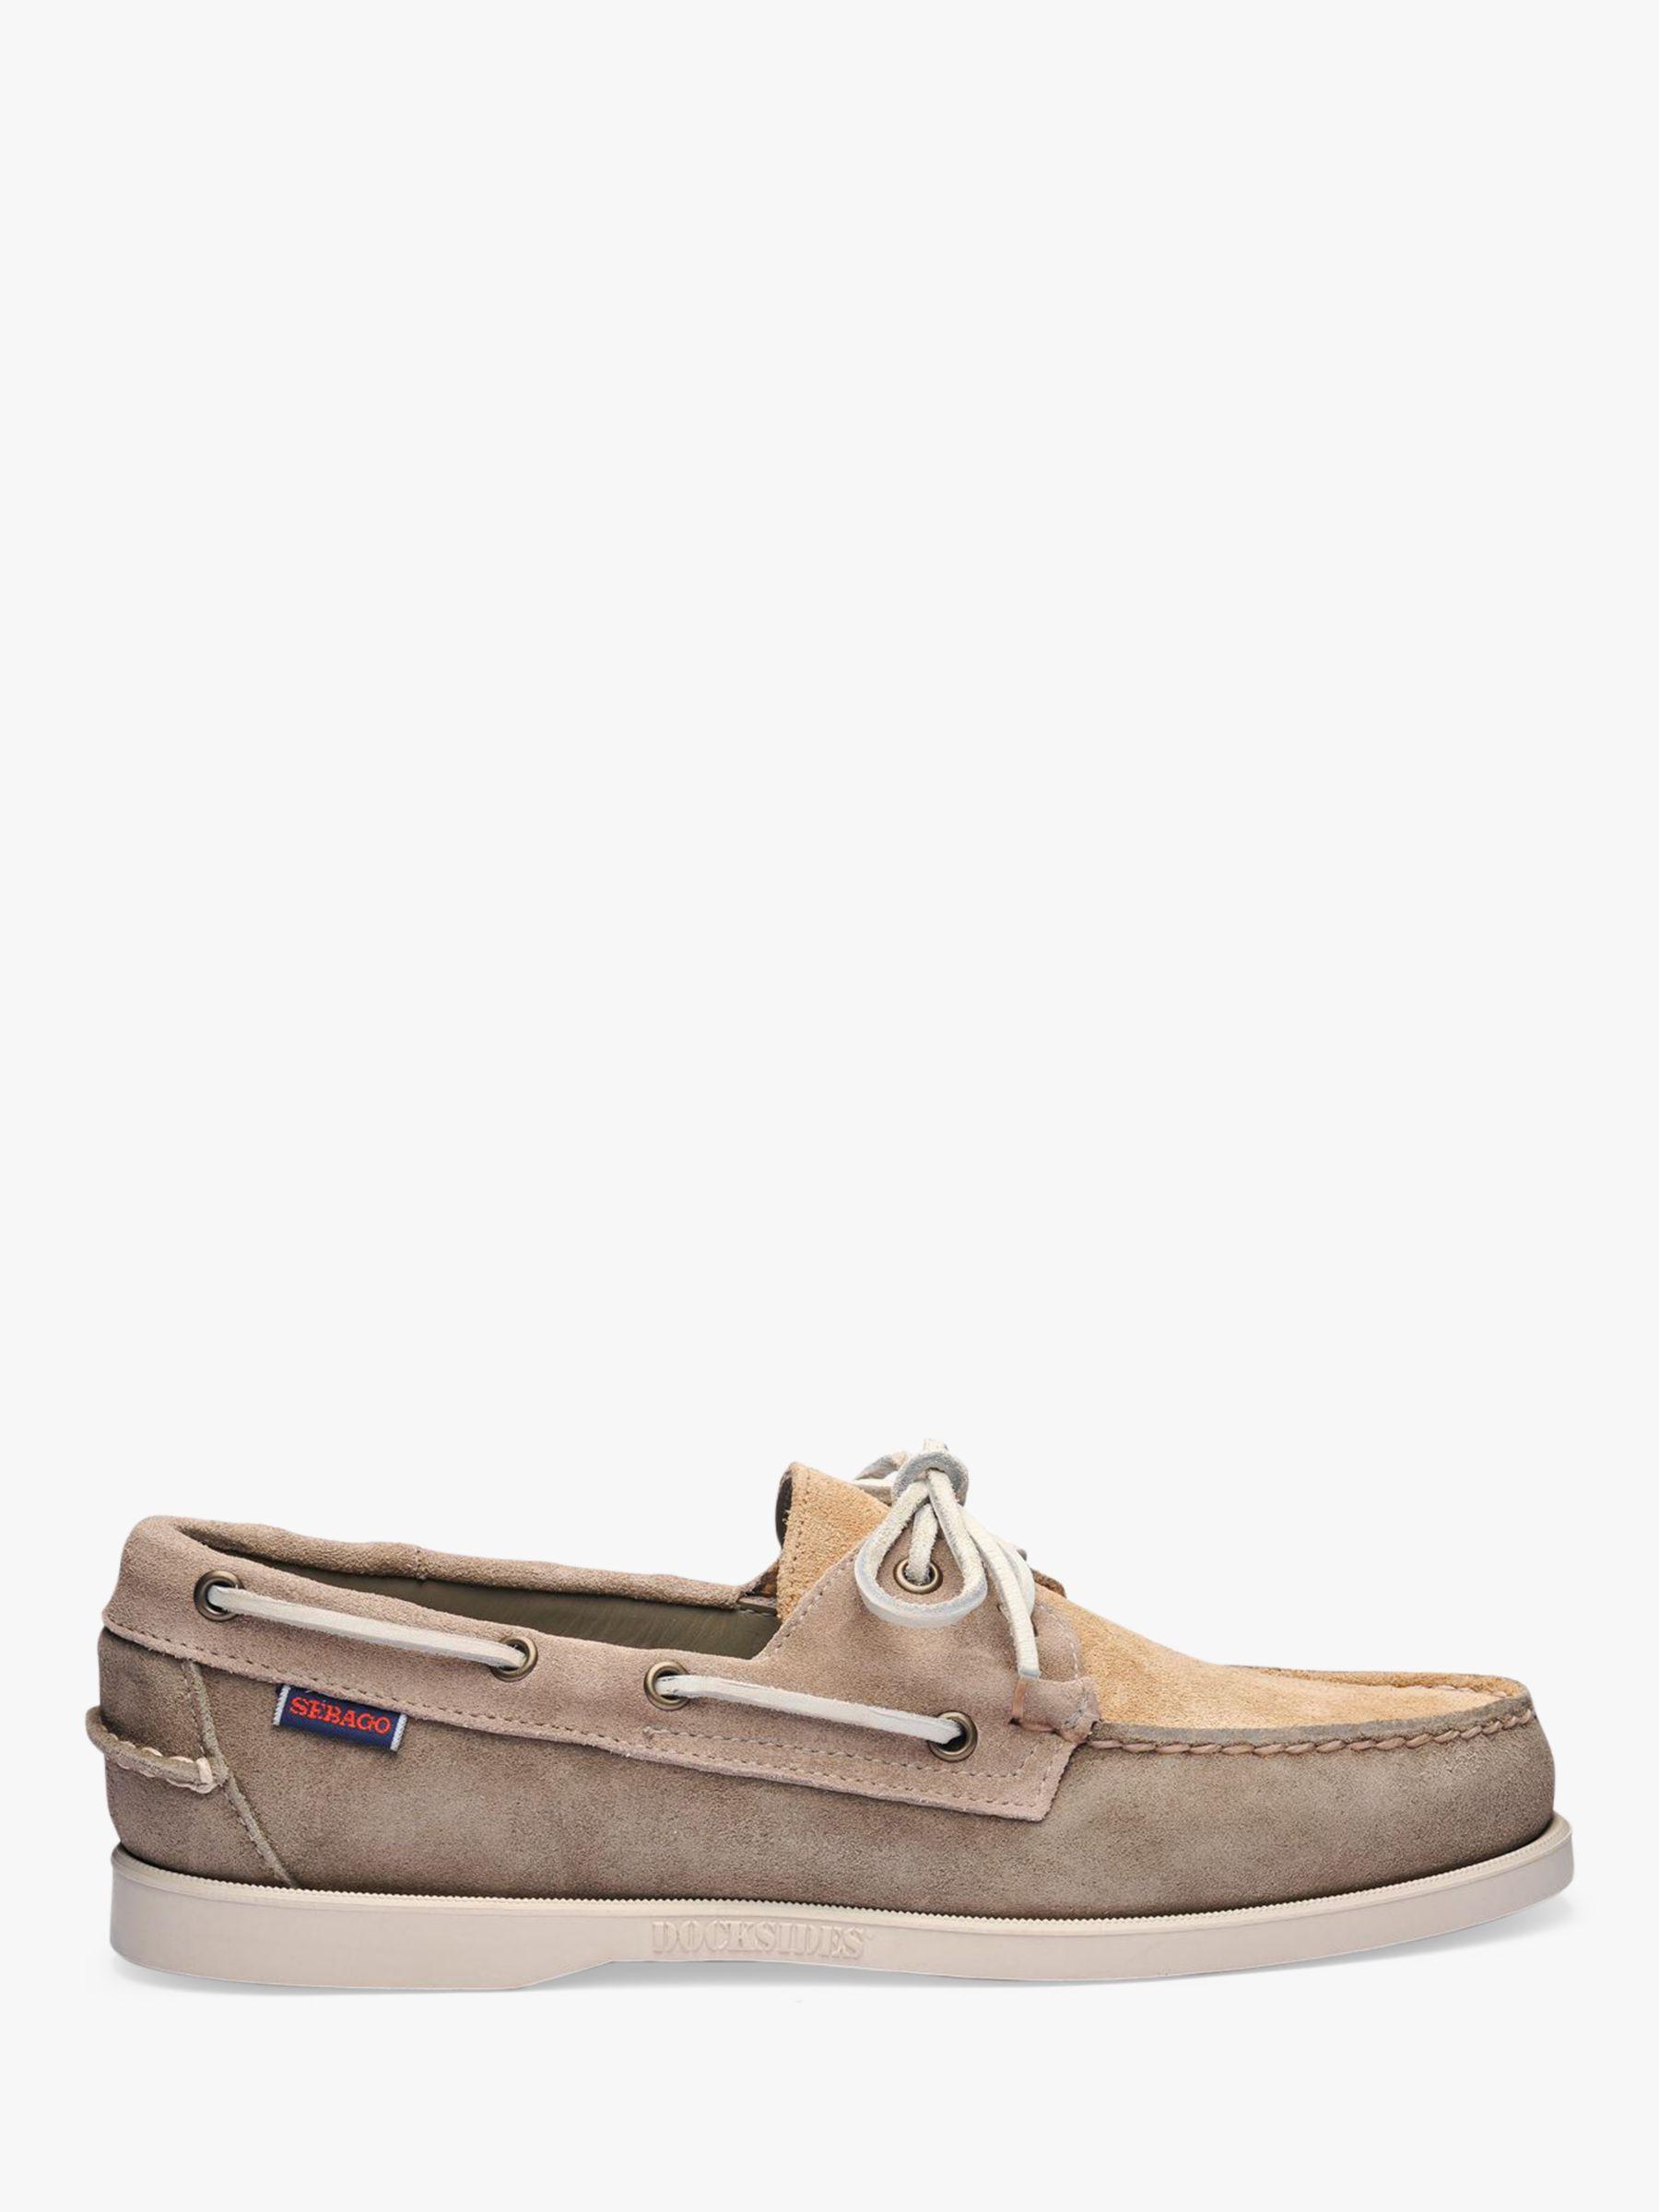 Sebago Sebago Portland Jib Suede Boat Shoes, Sage Taupe Camel